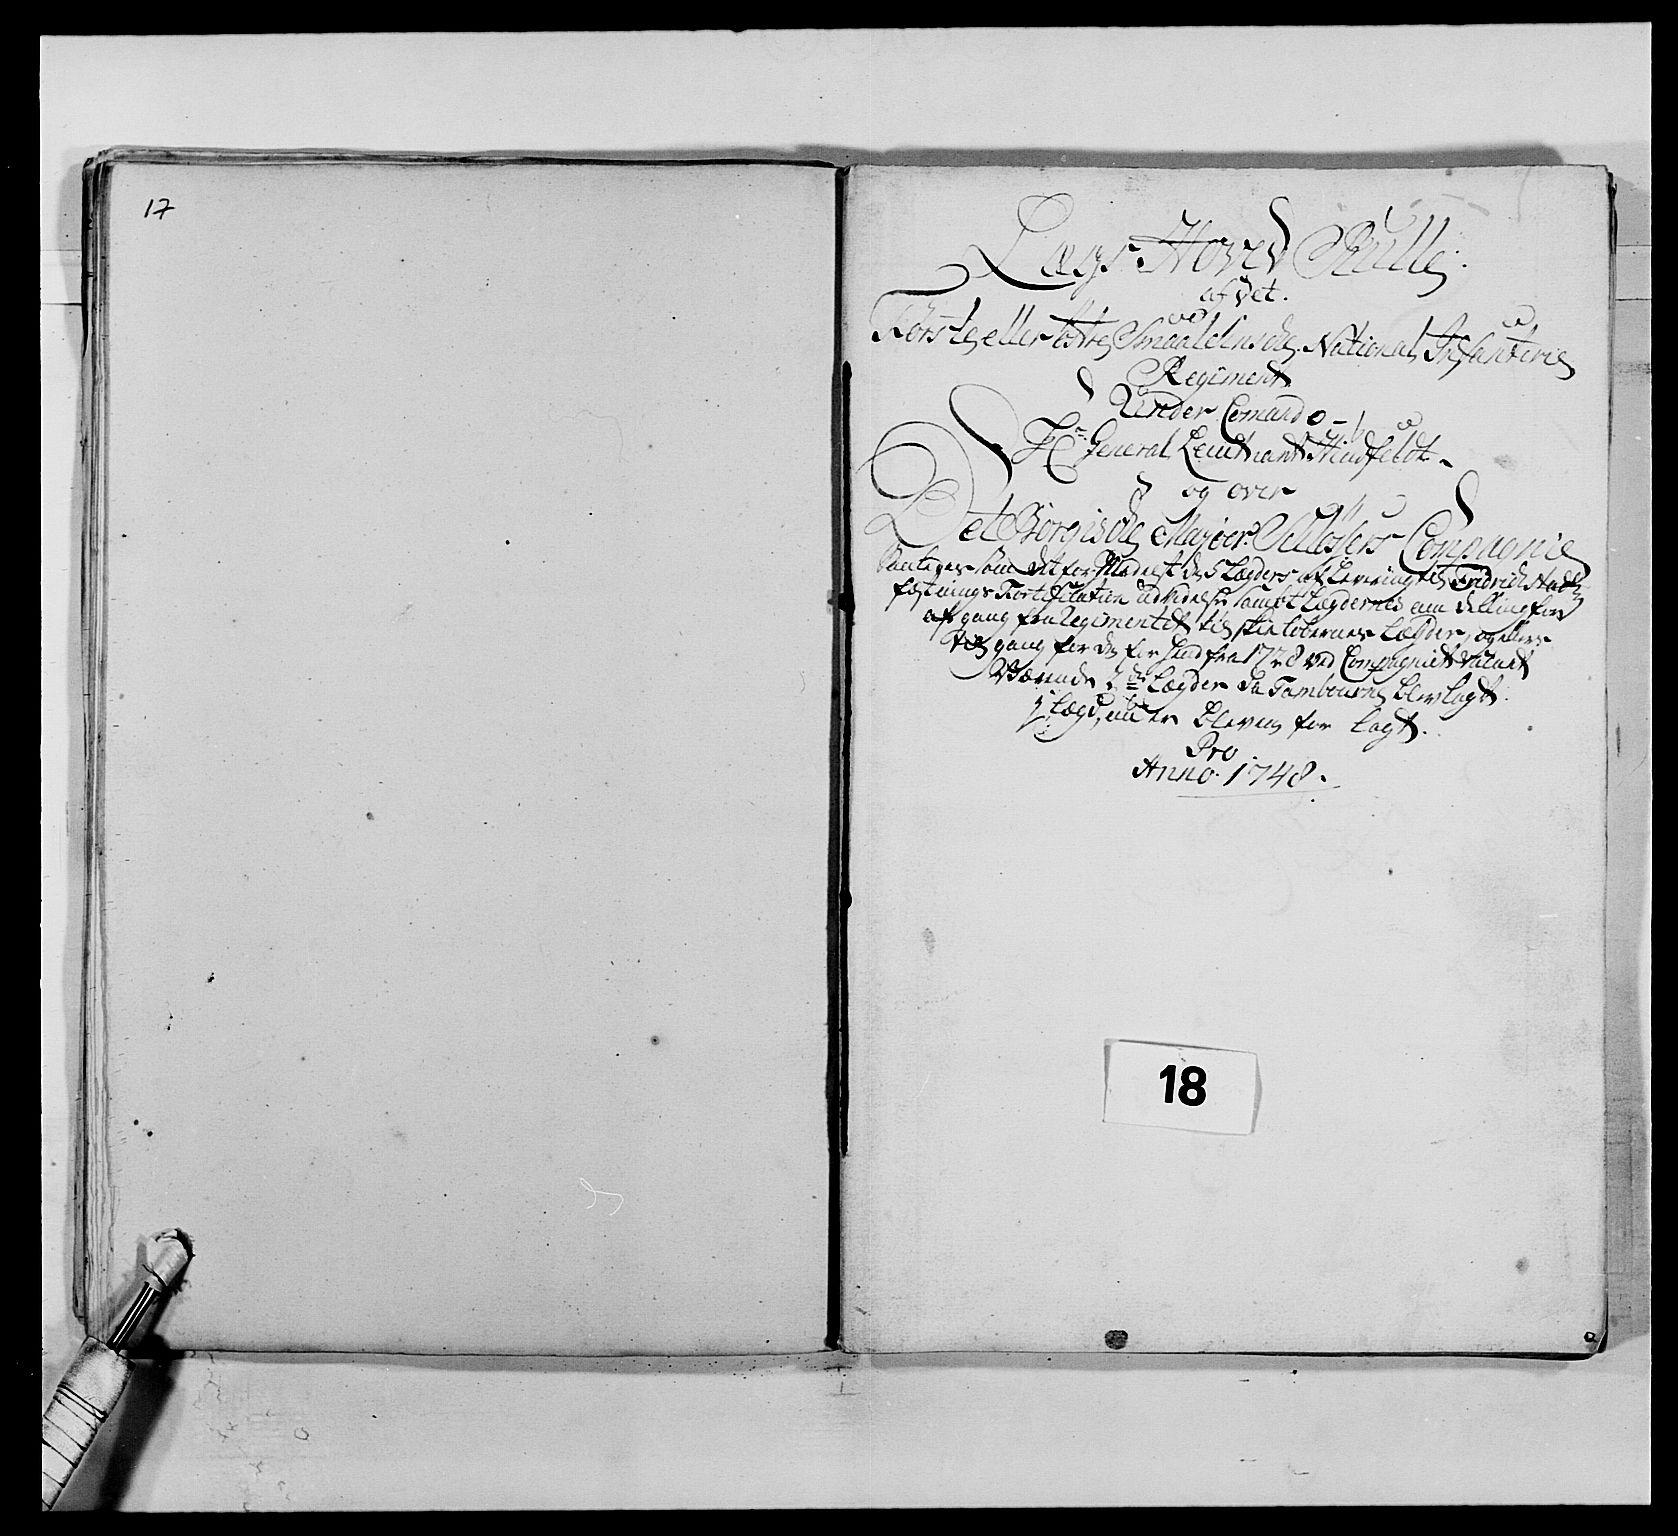 RA, Kommanderende general (KG I) med Det norske krigsdirektorium, E/Ea/L0495: 1. Smålenske regiment, 1732-1763, s. 225